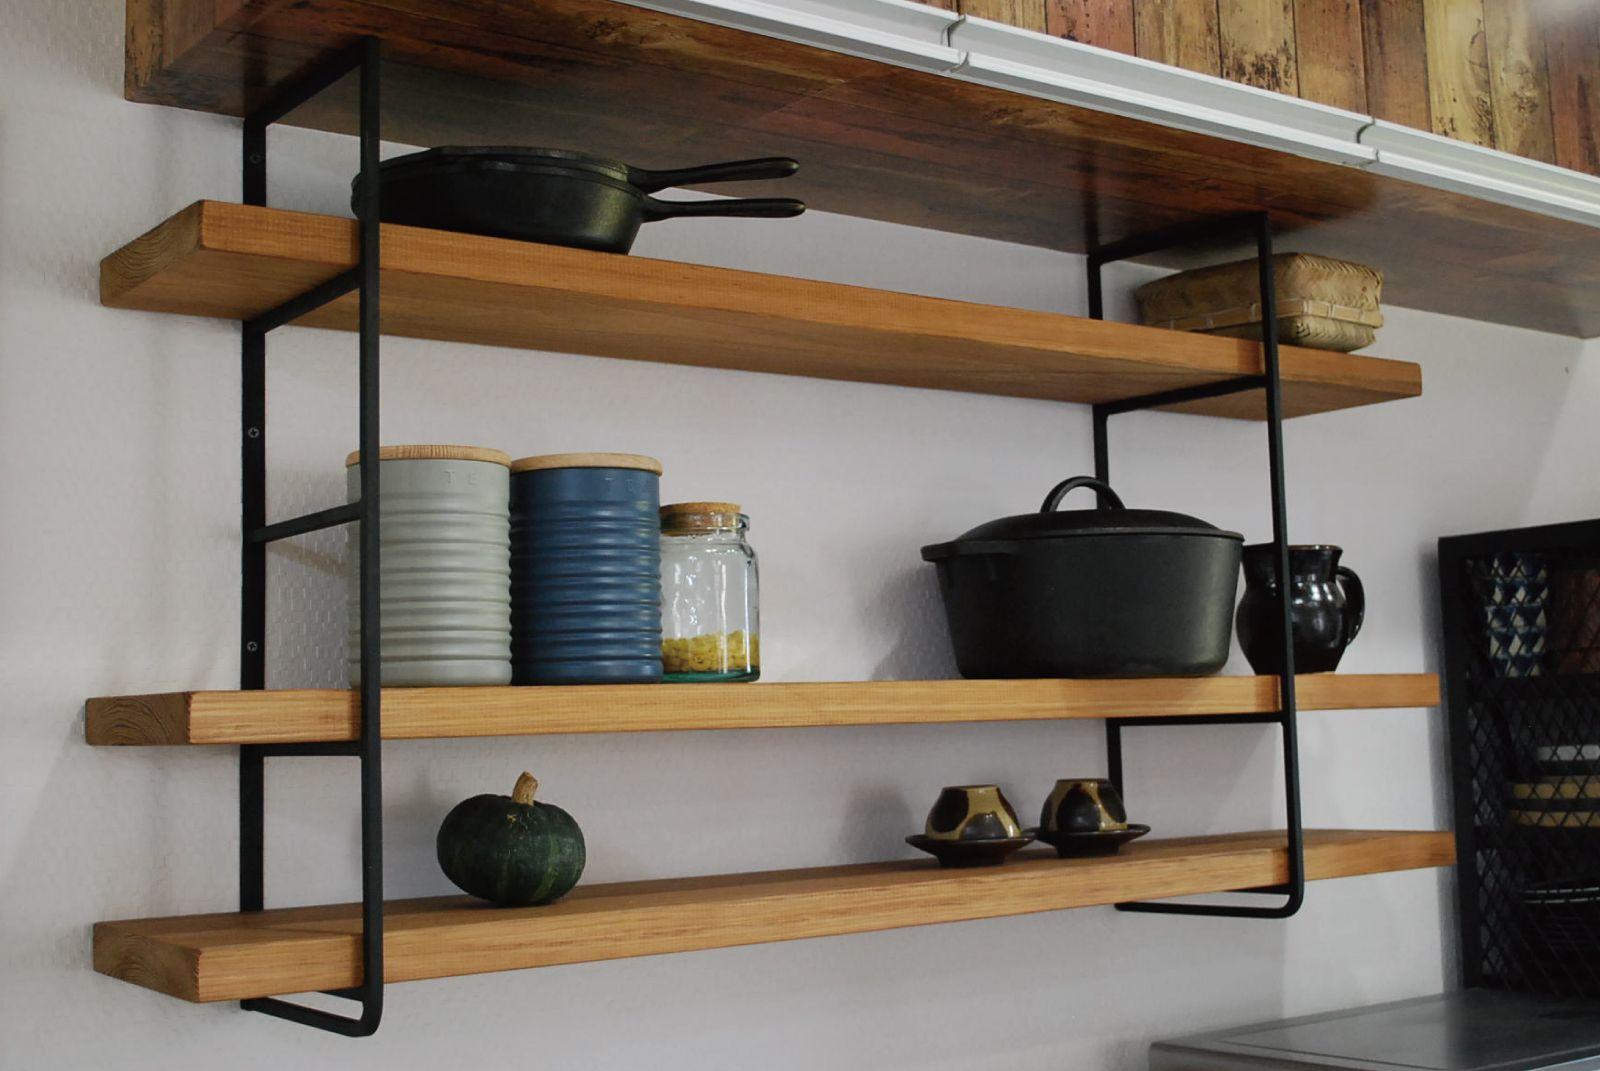 楽天市場 アイアン 無垢材 ウォールシェルフ W1000木製シェルフ